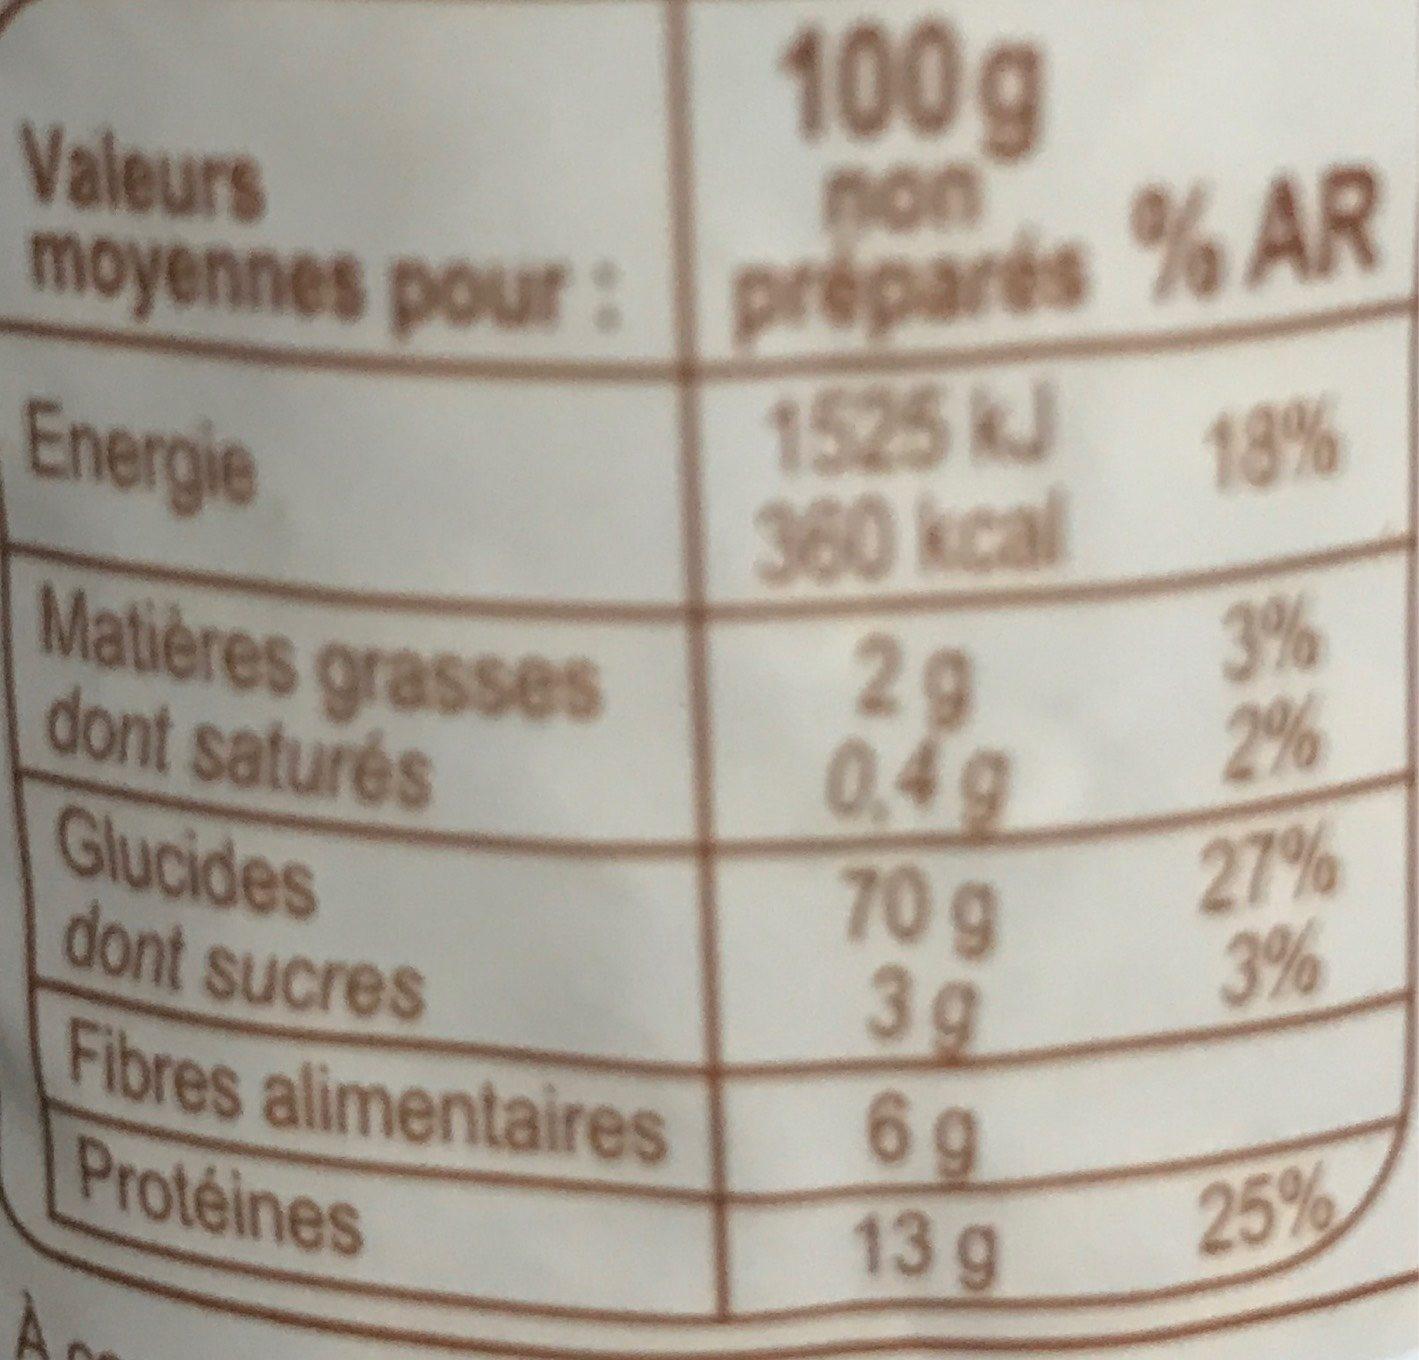 Coquillette Blé complet - Valori nutrizionali - fr